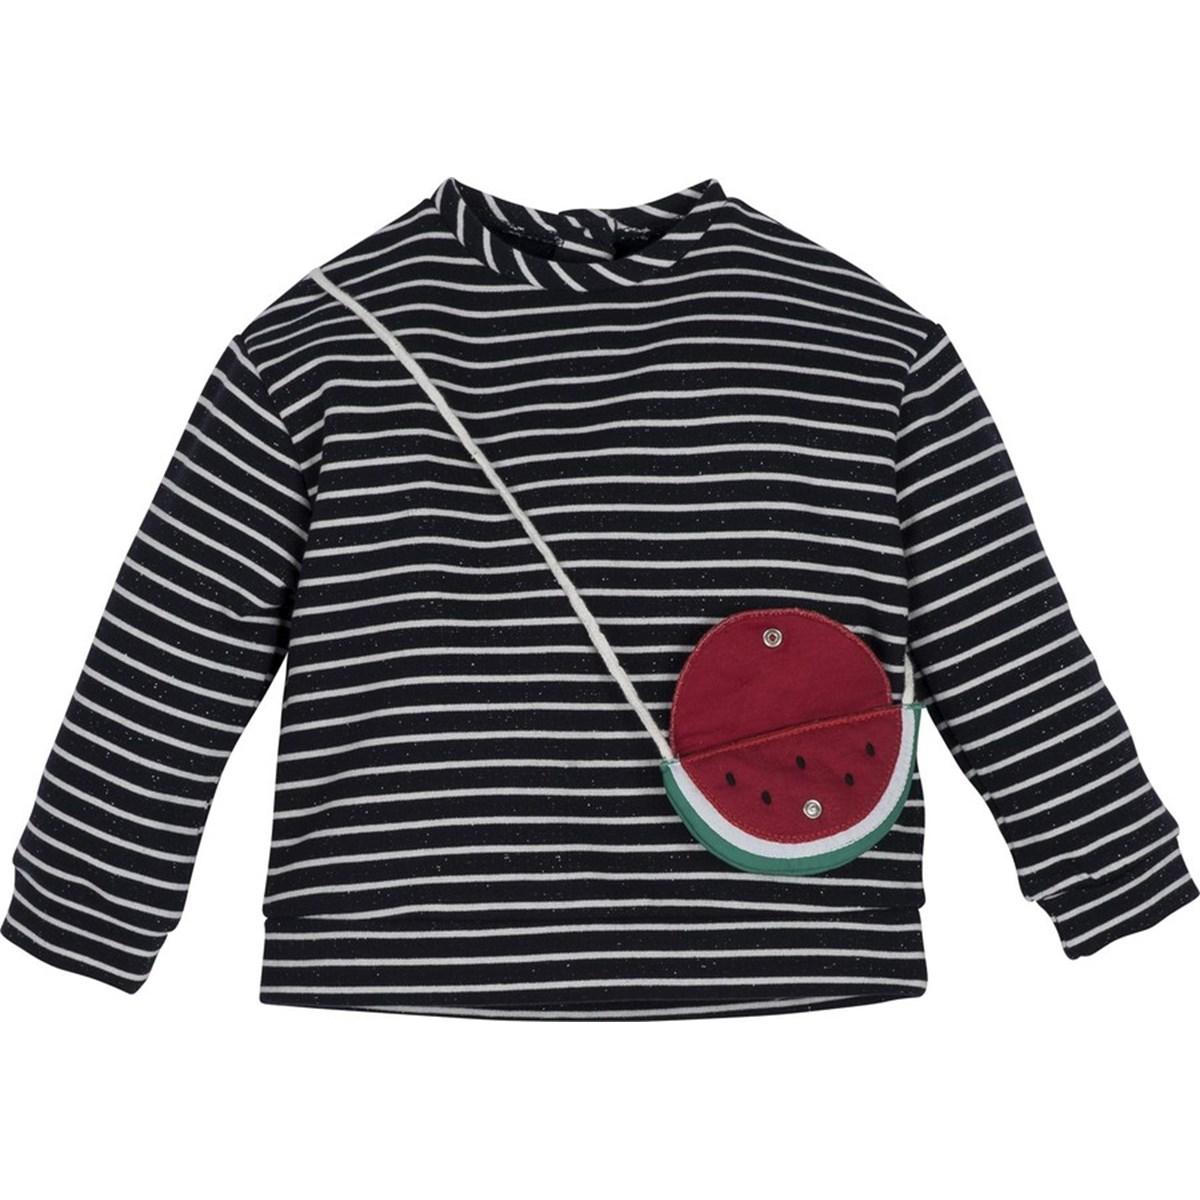 12548 Sweatshirt 1